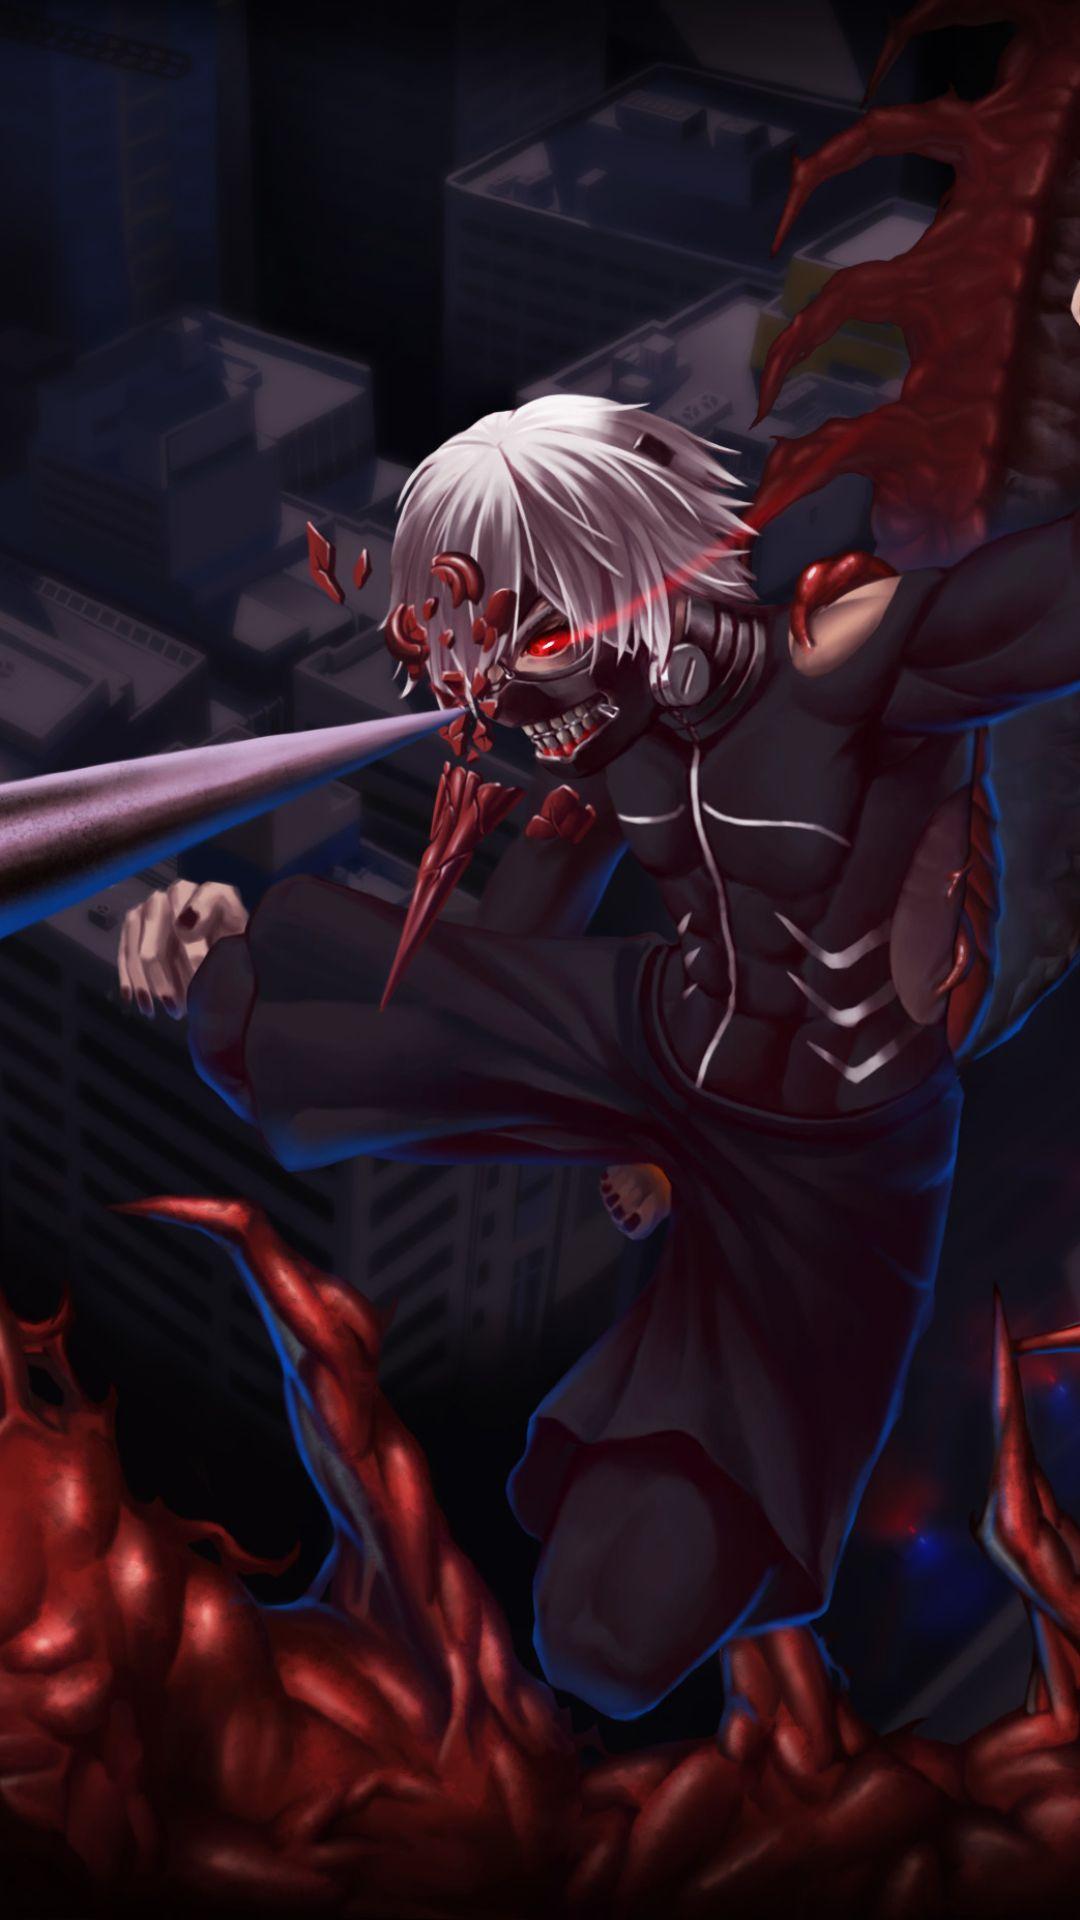 Hình nền 1080x1920 Anime Tokyo Ghoul (1080x1920)